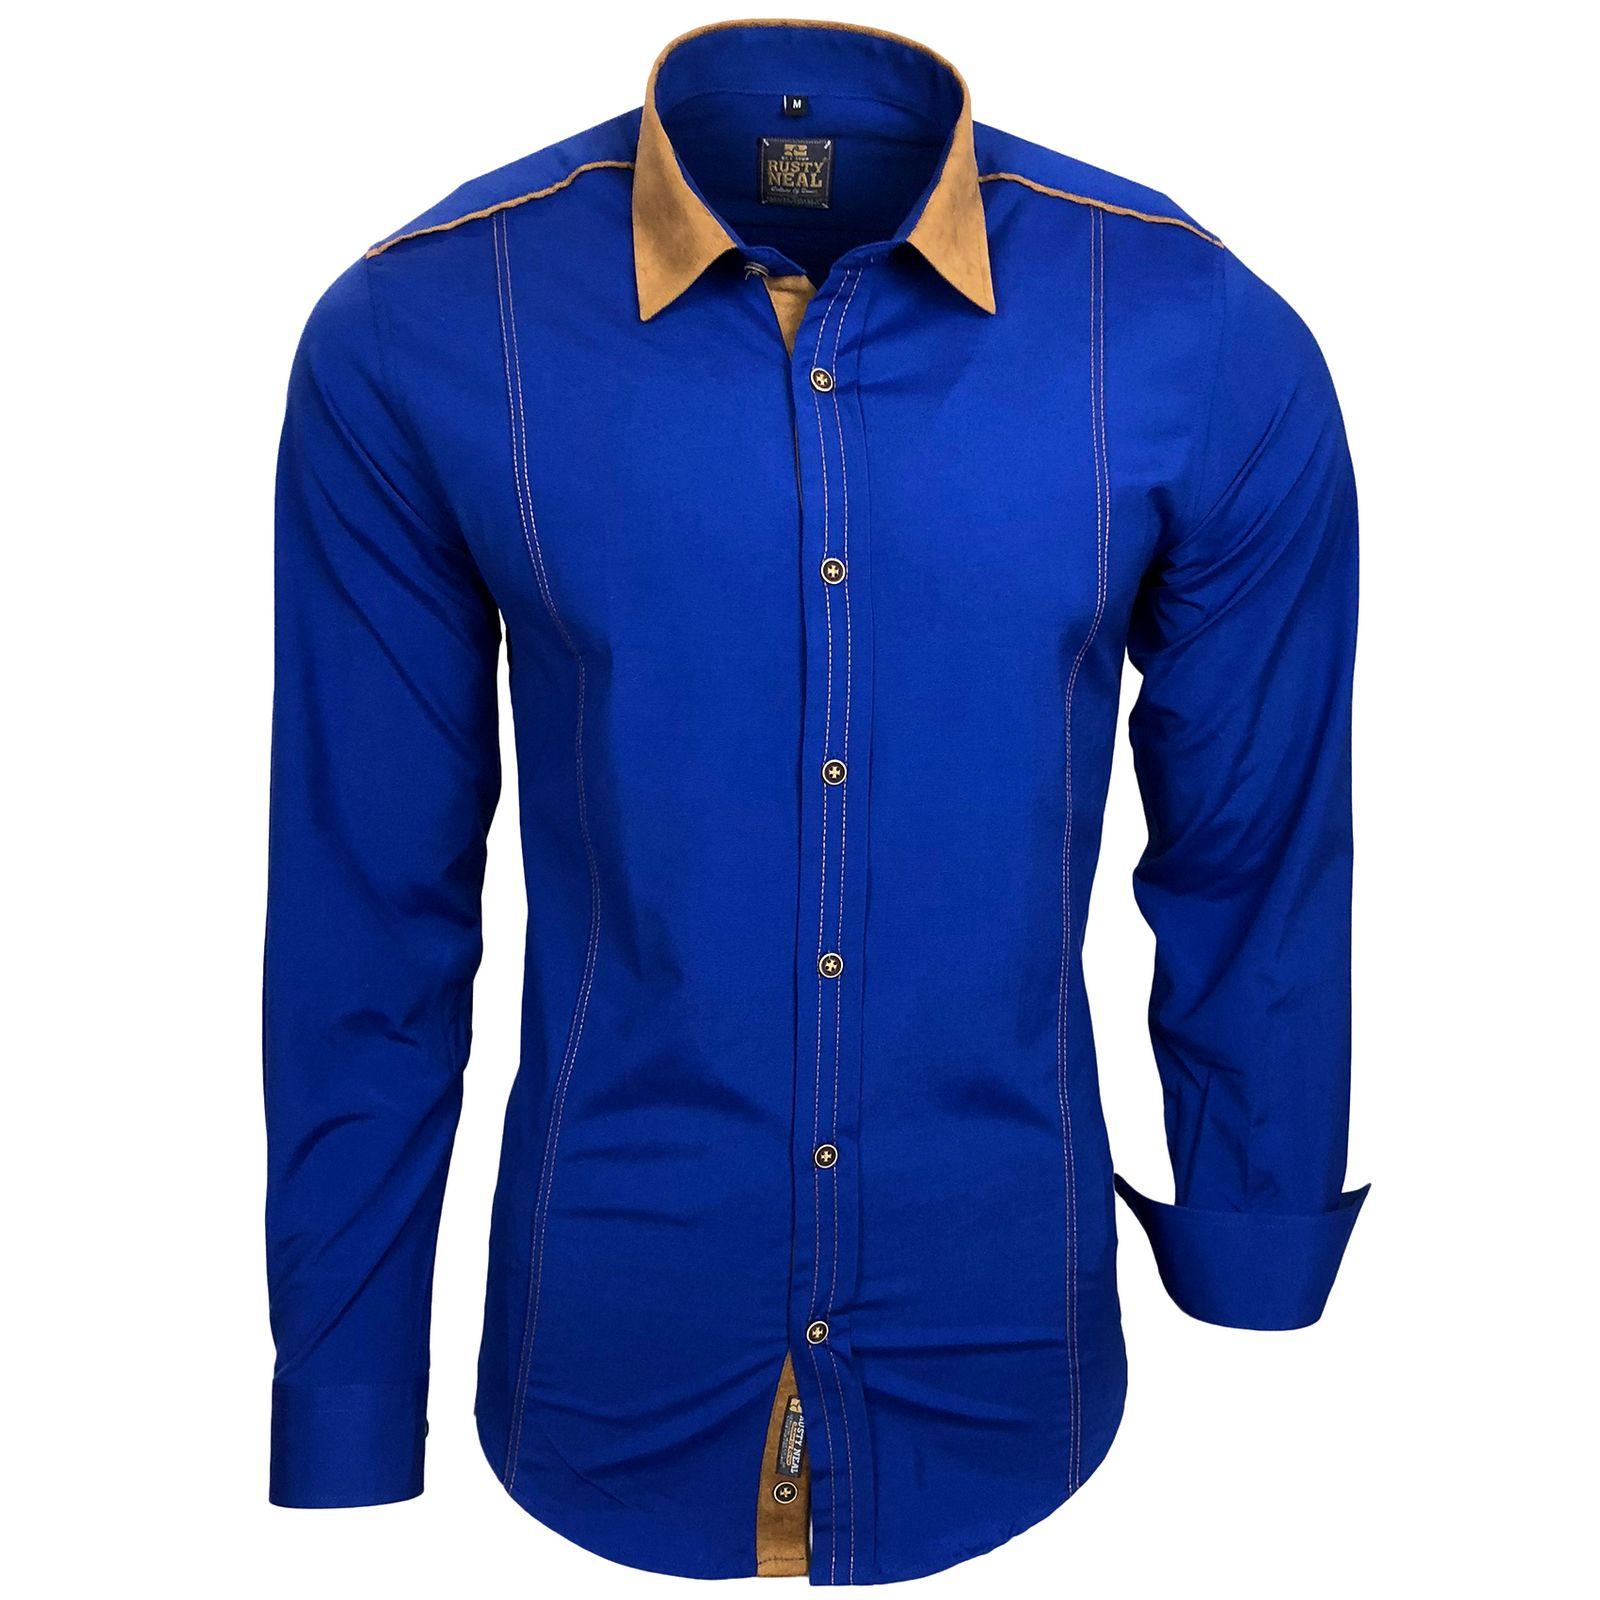 Rusty Neal Freizeit-Hemd mit farblich abgesetztem Kragen | Bekleidung > Hemden > Freizeithemden | Rusty Neal